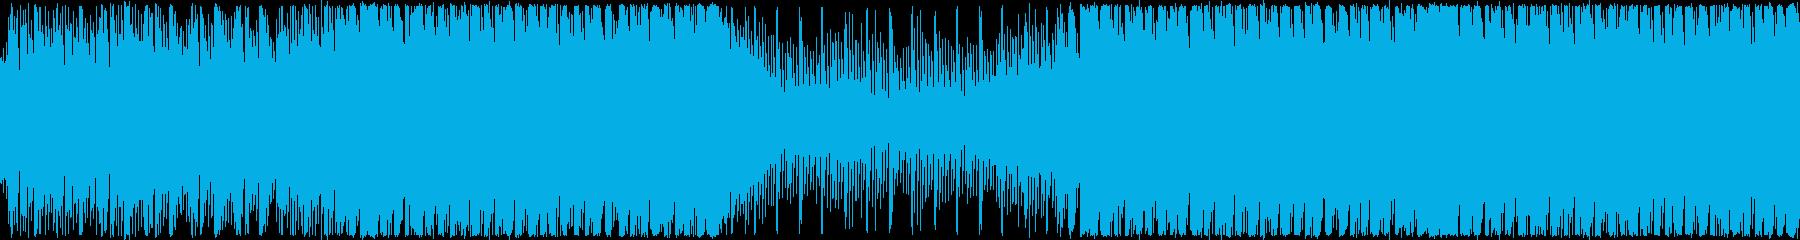 楽しくてかわいい洋楽EDM・ループの再生済みの波形